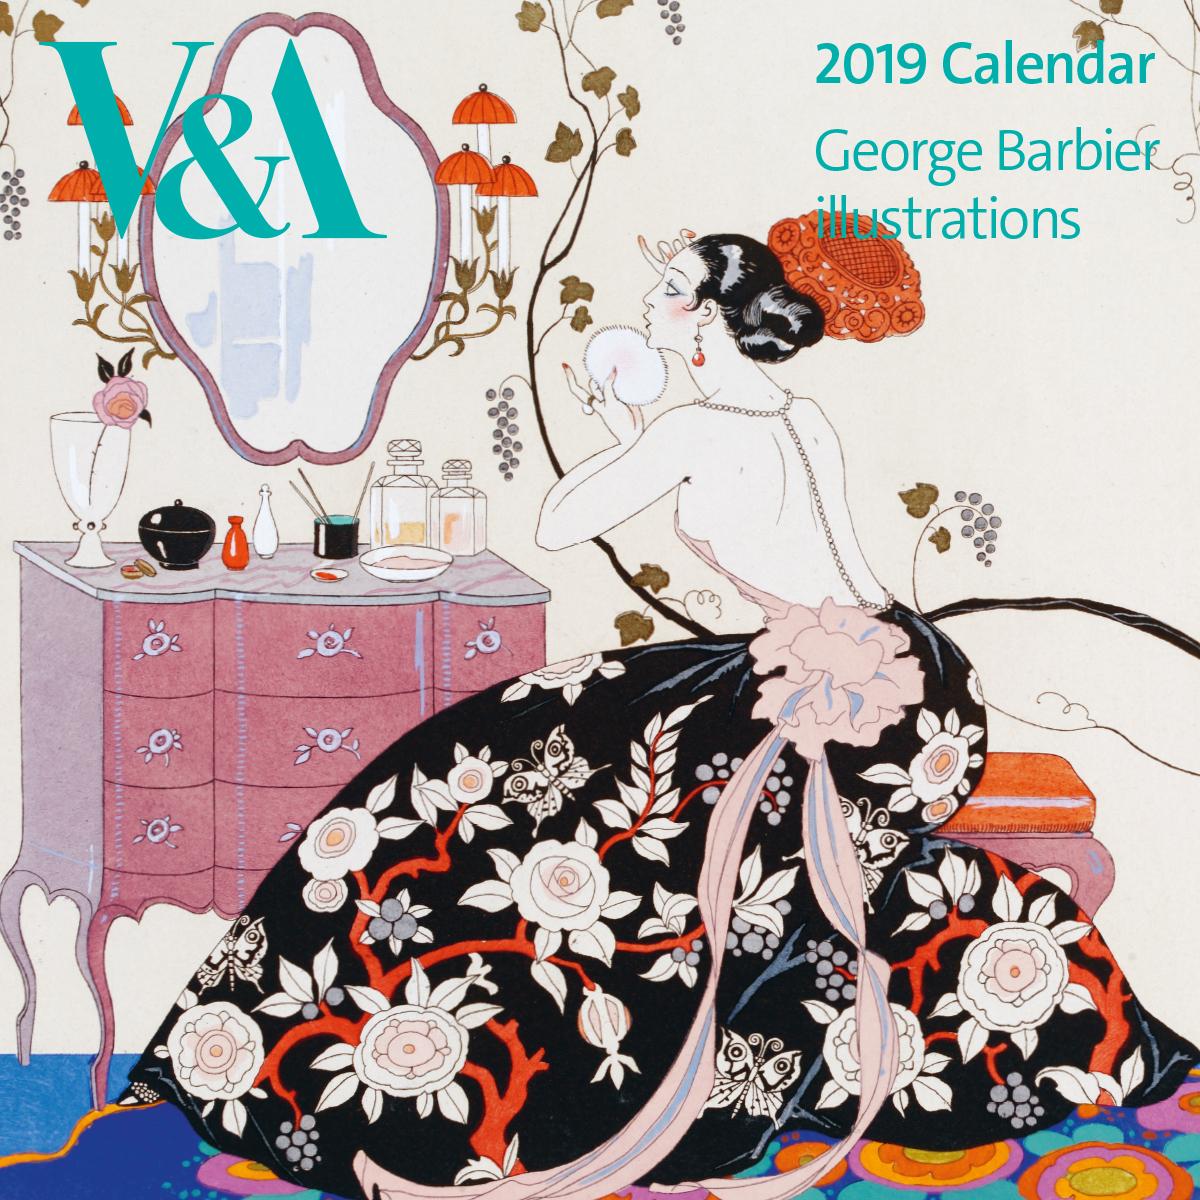 V&A 2019 George Barbier calendar